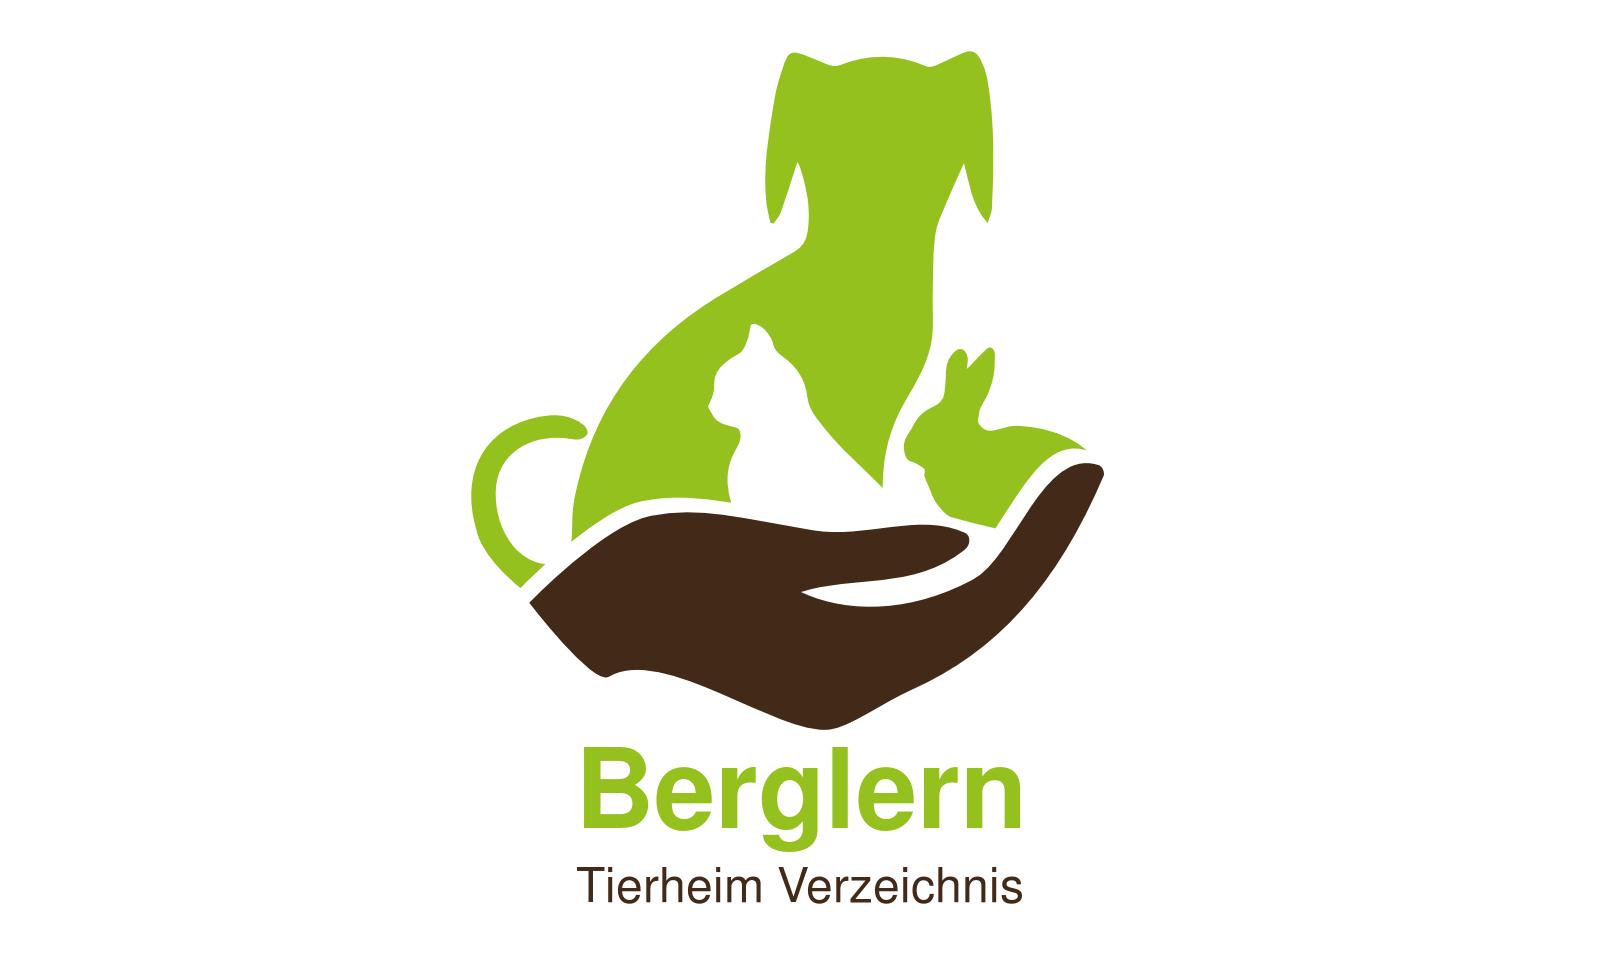 Tierheim Berglern